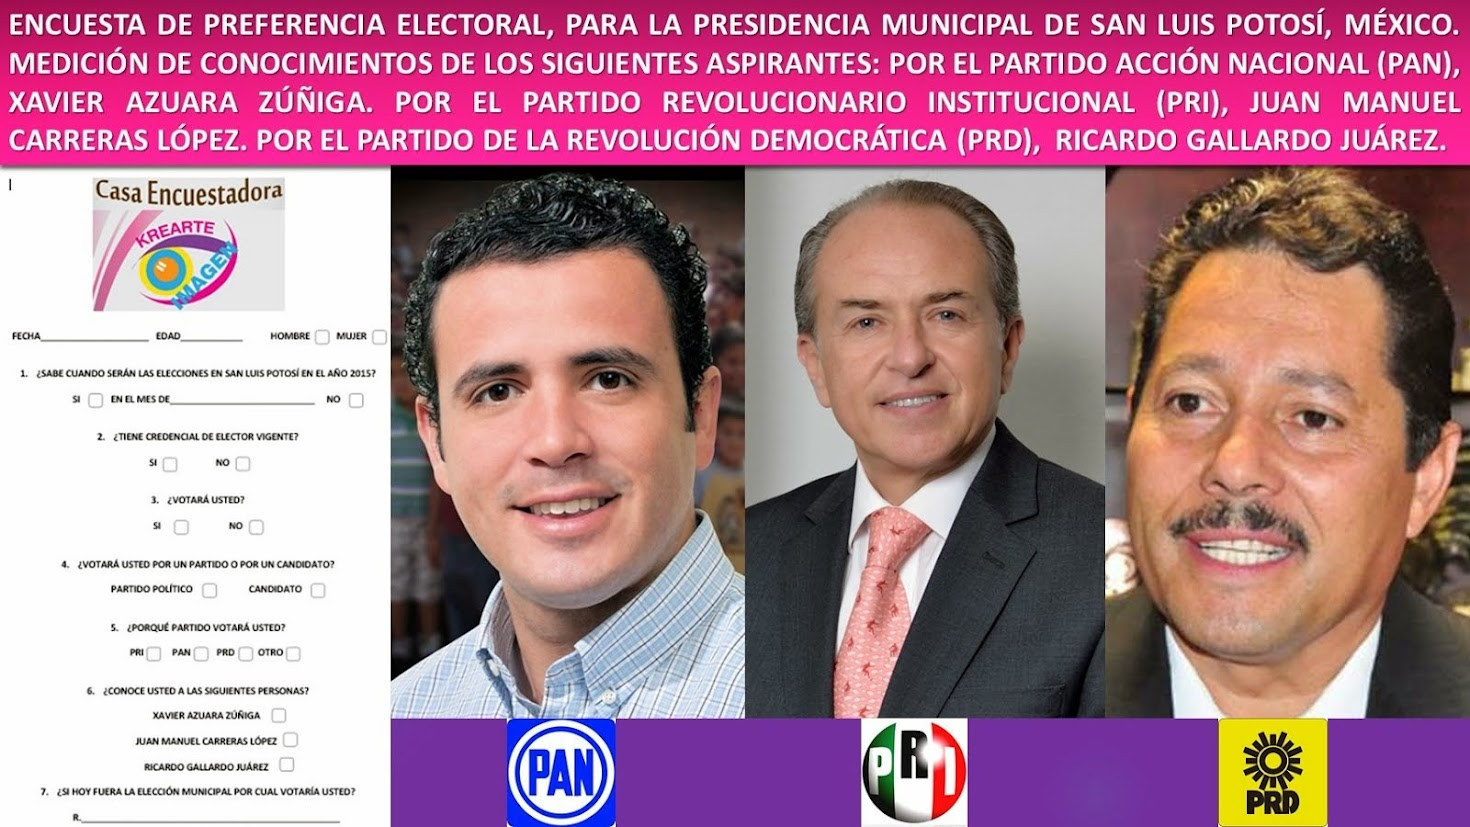 LA PERCEPCIÓN SOCIAL SOBRE LAS ELECCIONES DEL AÑO 2015, EN EL ESTADO DE SAN LUIS POTOSÍ, MÉXICO.